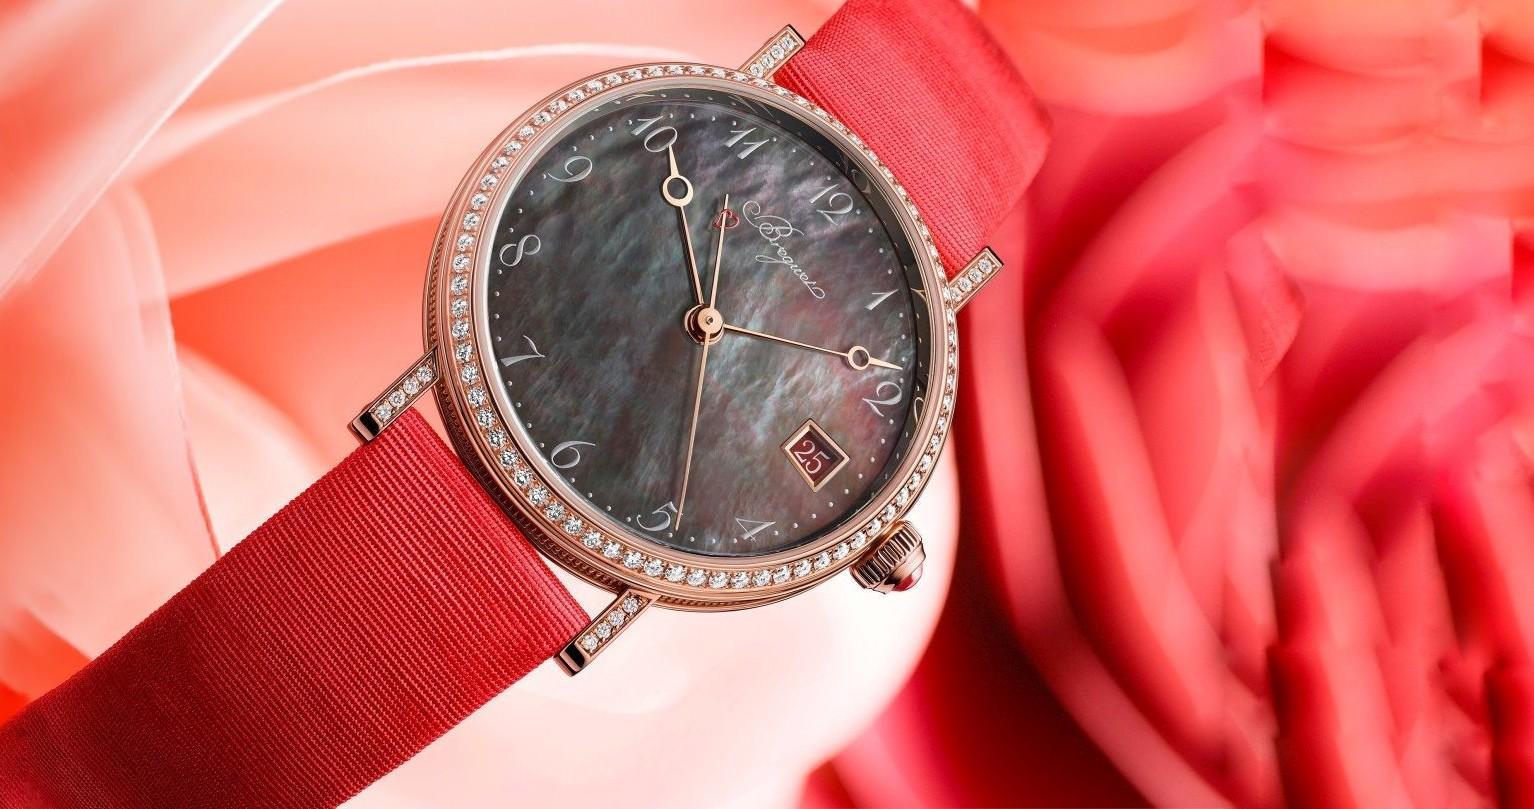 許妳一個絕美2020情人節—寶璣Classique 9065經典系列大溪地珍珠母貝鑽錶